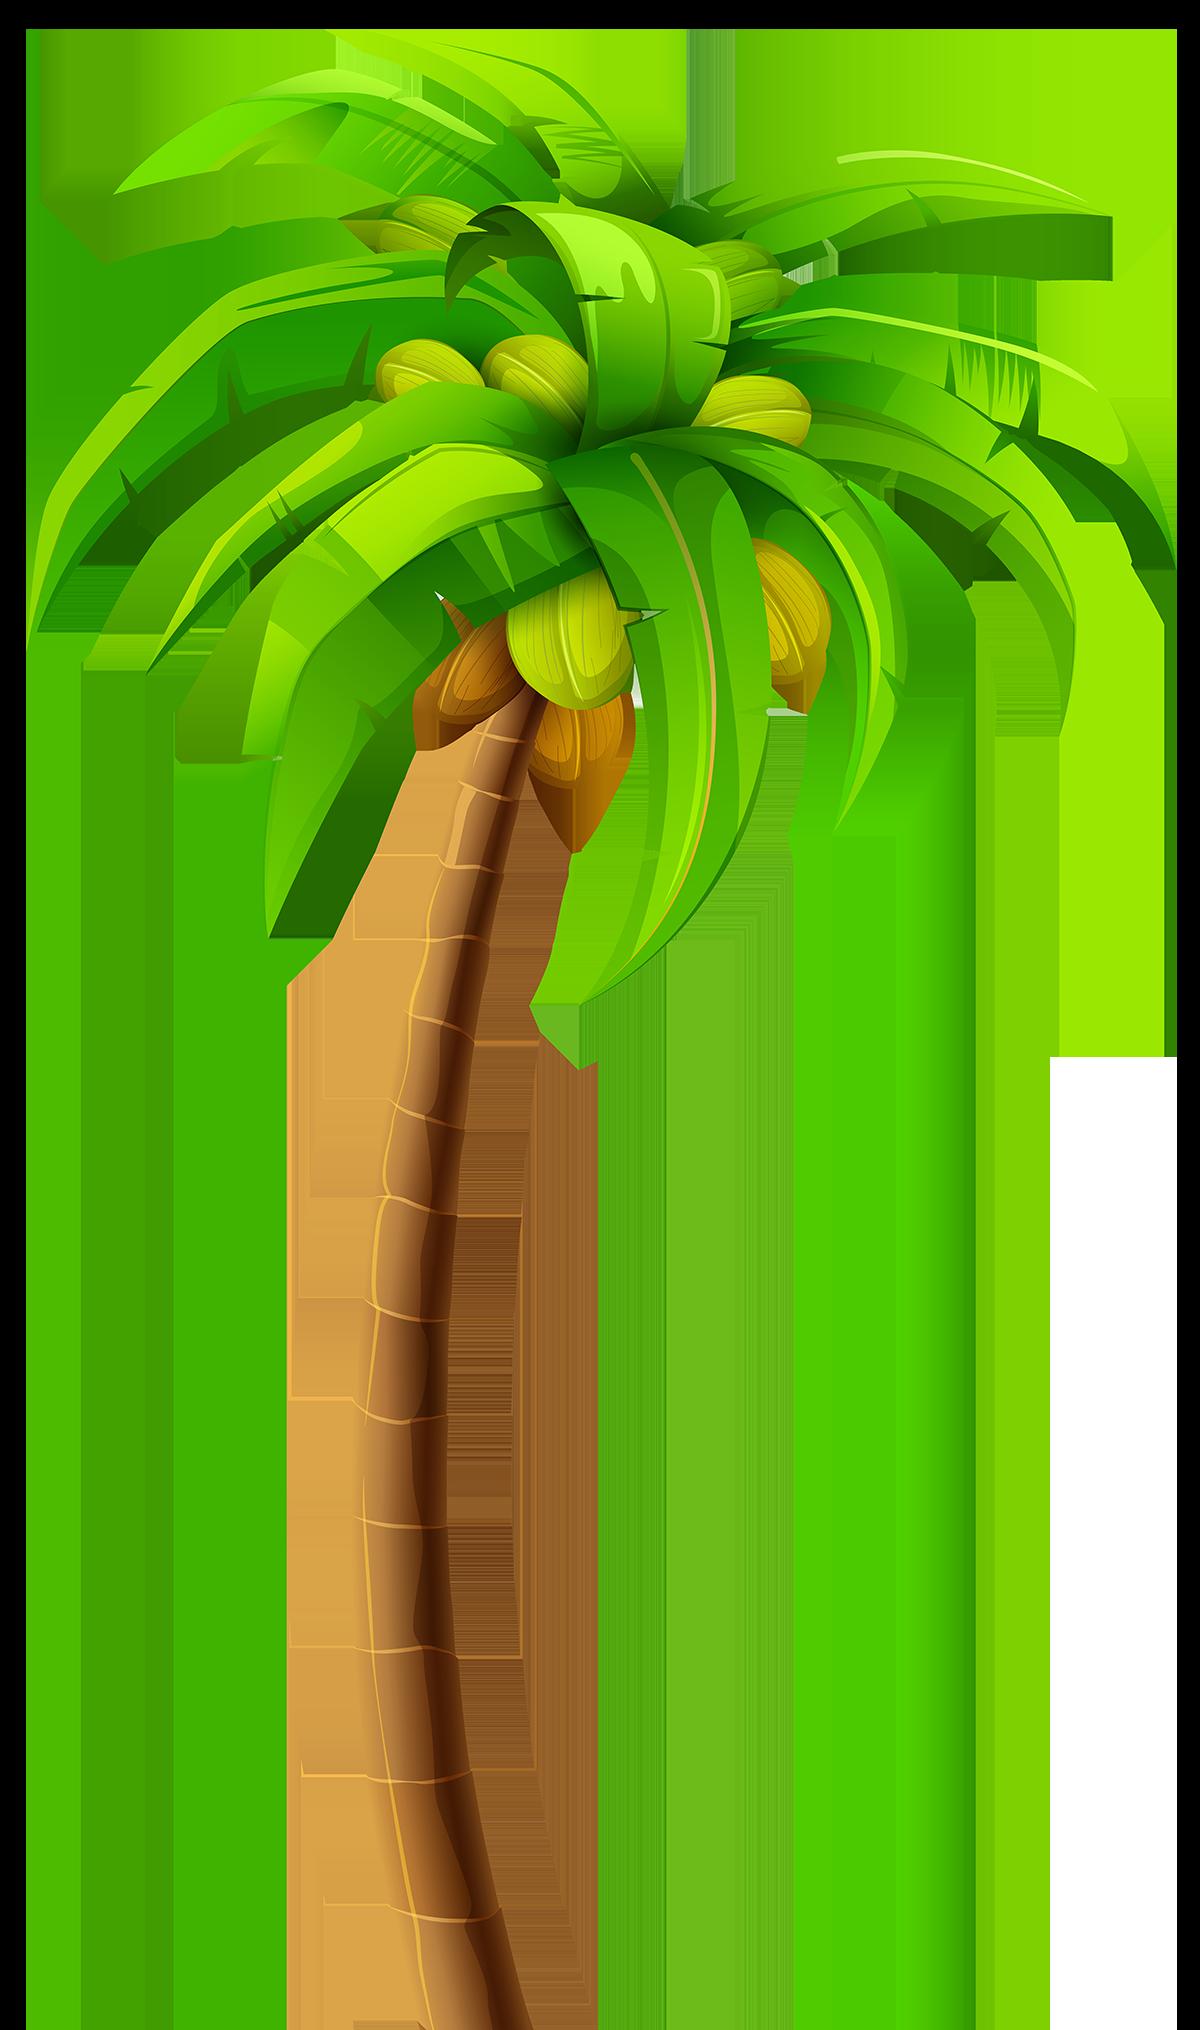 Пальма - туризм, растения, пальма, деревья